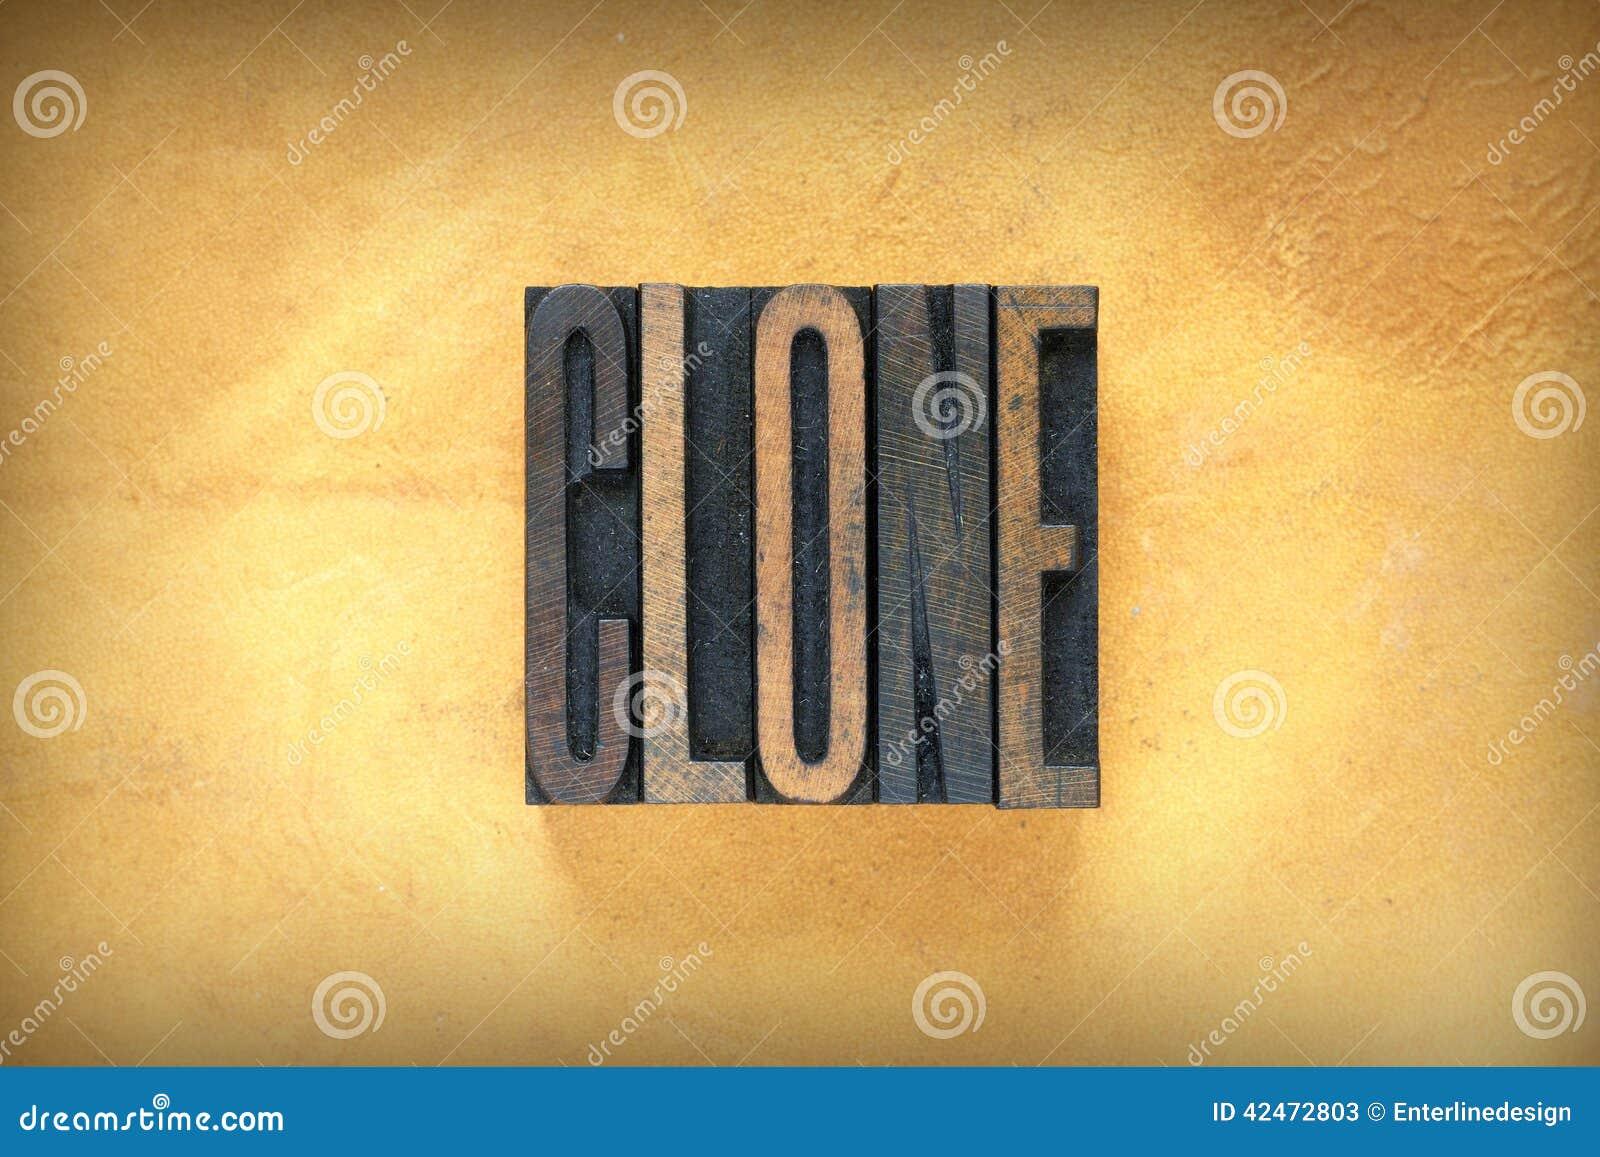 Impression typographique de clone